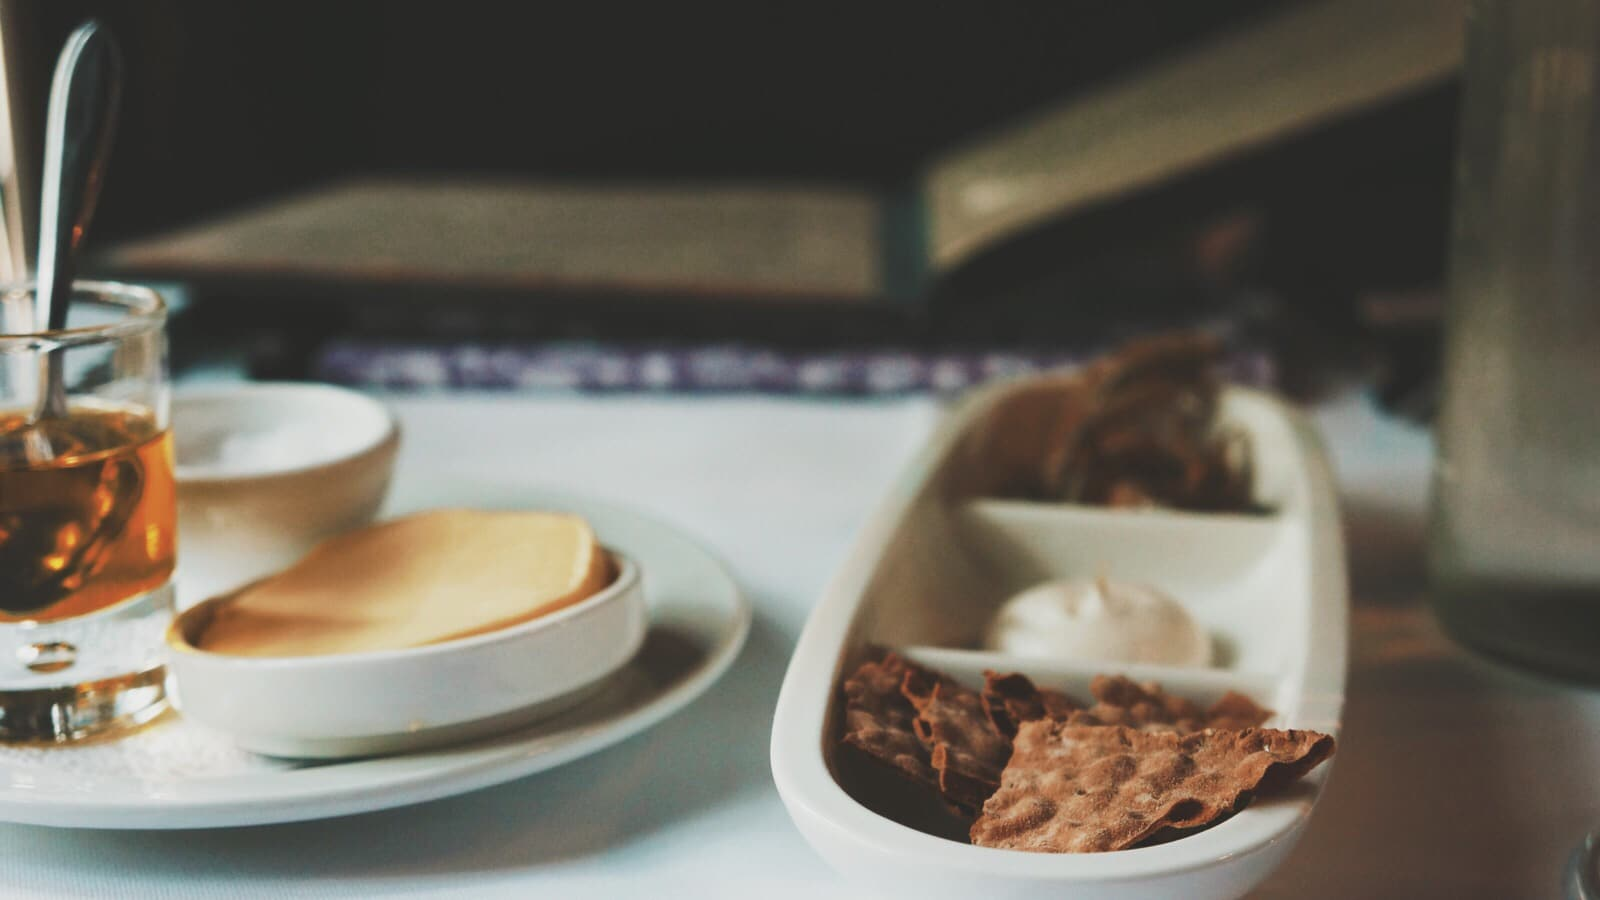 Ik hou van het eten, het is overal op vlieland lekker!